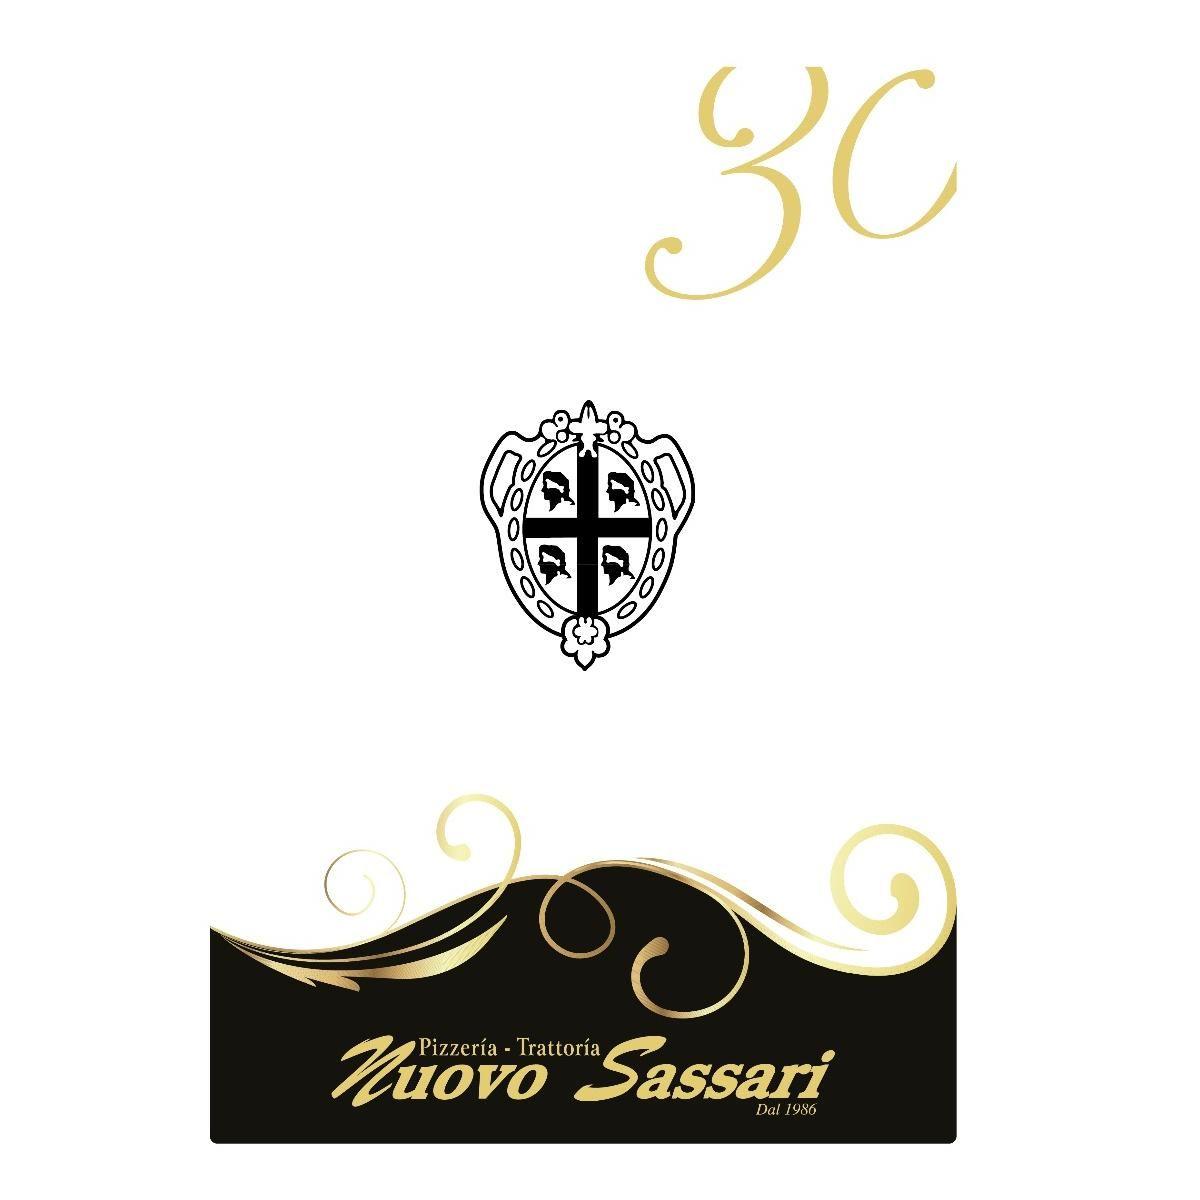 Carta: Nuestra carta de Pizzería Nuovo Sassari